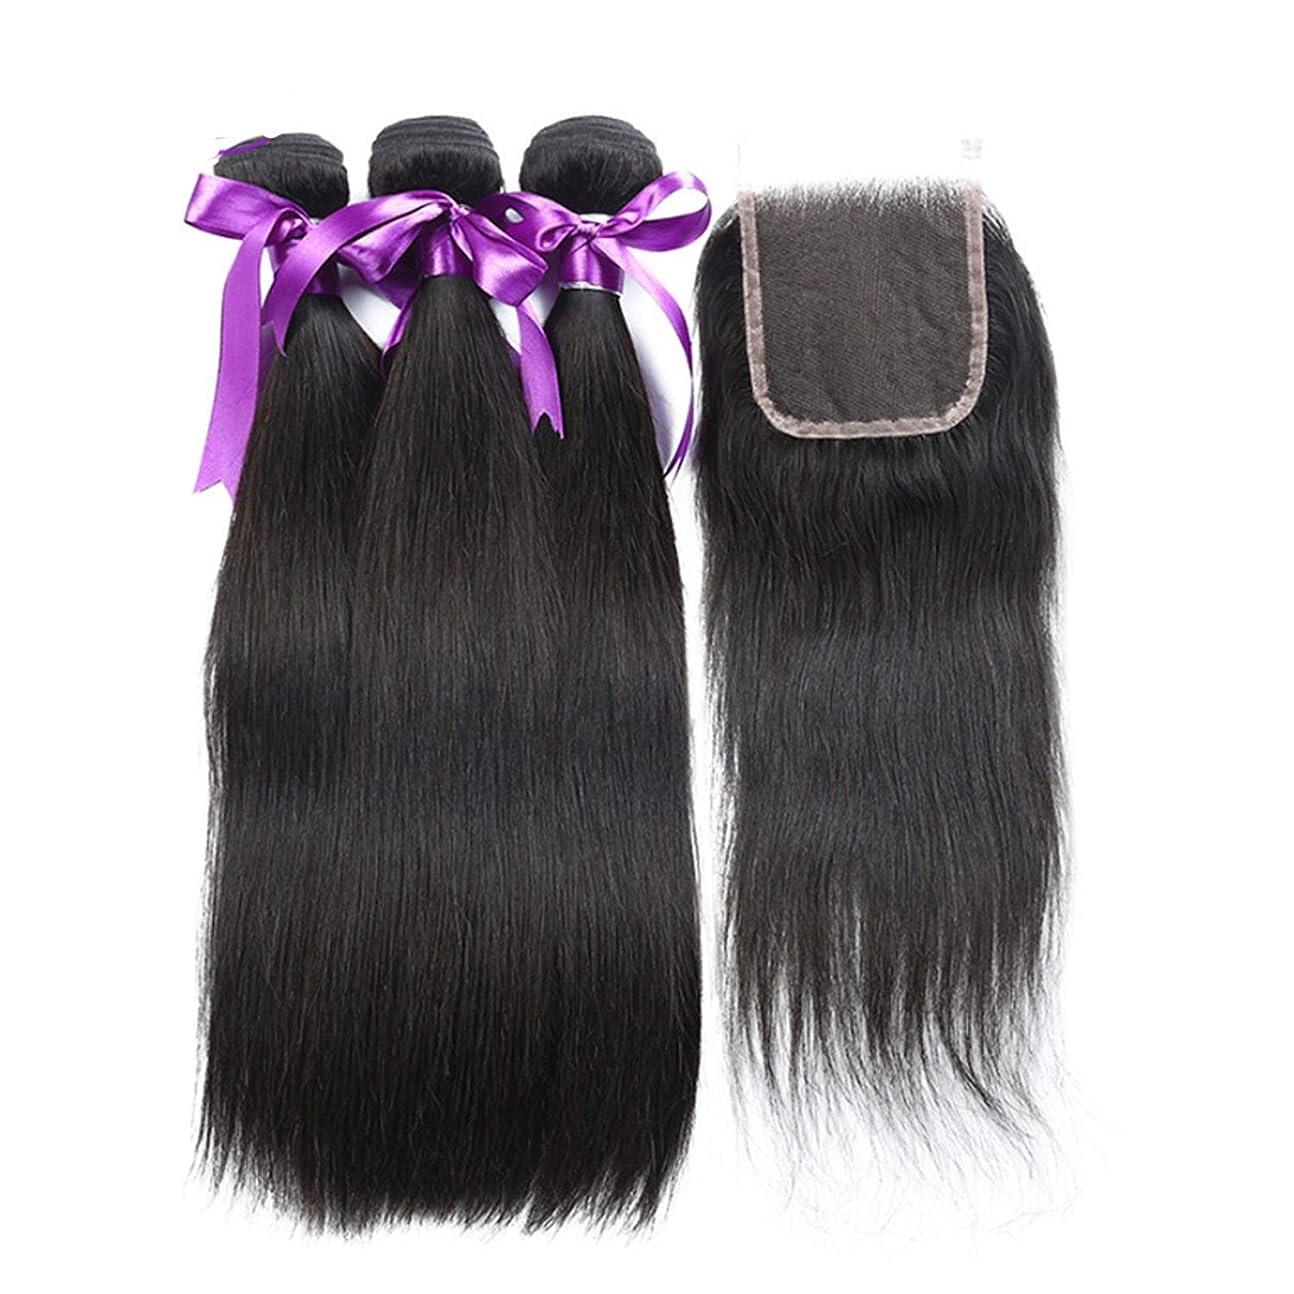 寄付するバイオレットもちろんマレーシアのストレートヘア4 * 4クロージャーフリーパート100%人毛非レミー毛延長で3束 かつら (Length : 16 16 16 Cl14, Part Design : FREE PART)